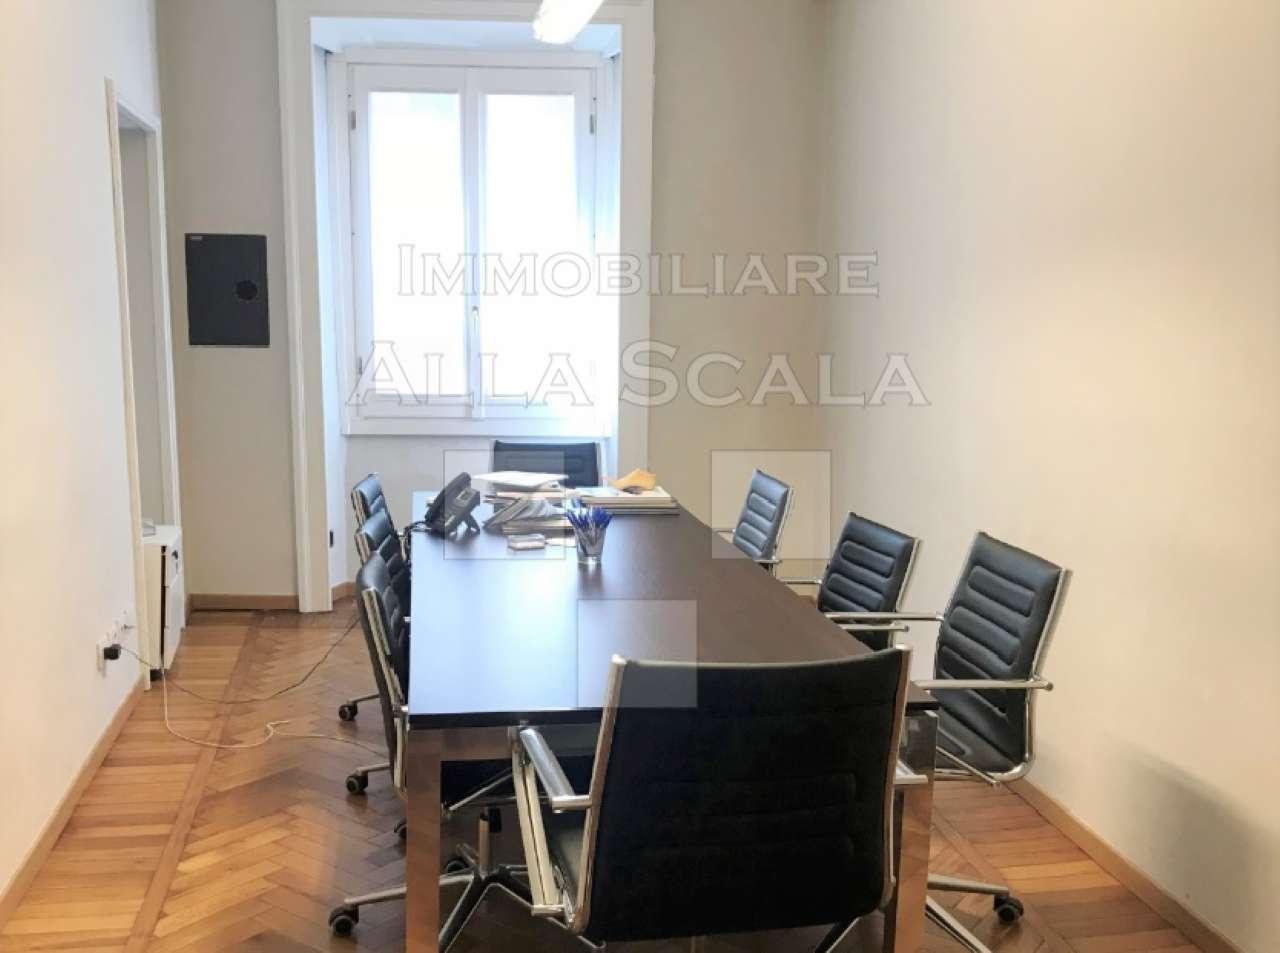 Ufficio-studio in Affitto a Milano 01 Centro storico (Cerchia dei Navigli): 4 locali, 100 mq